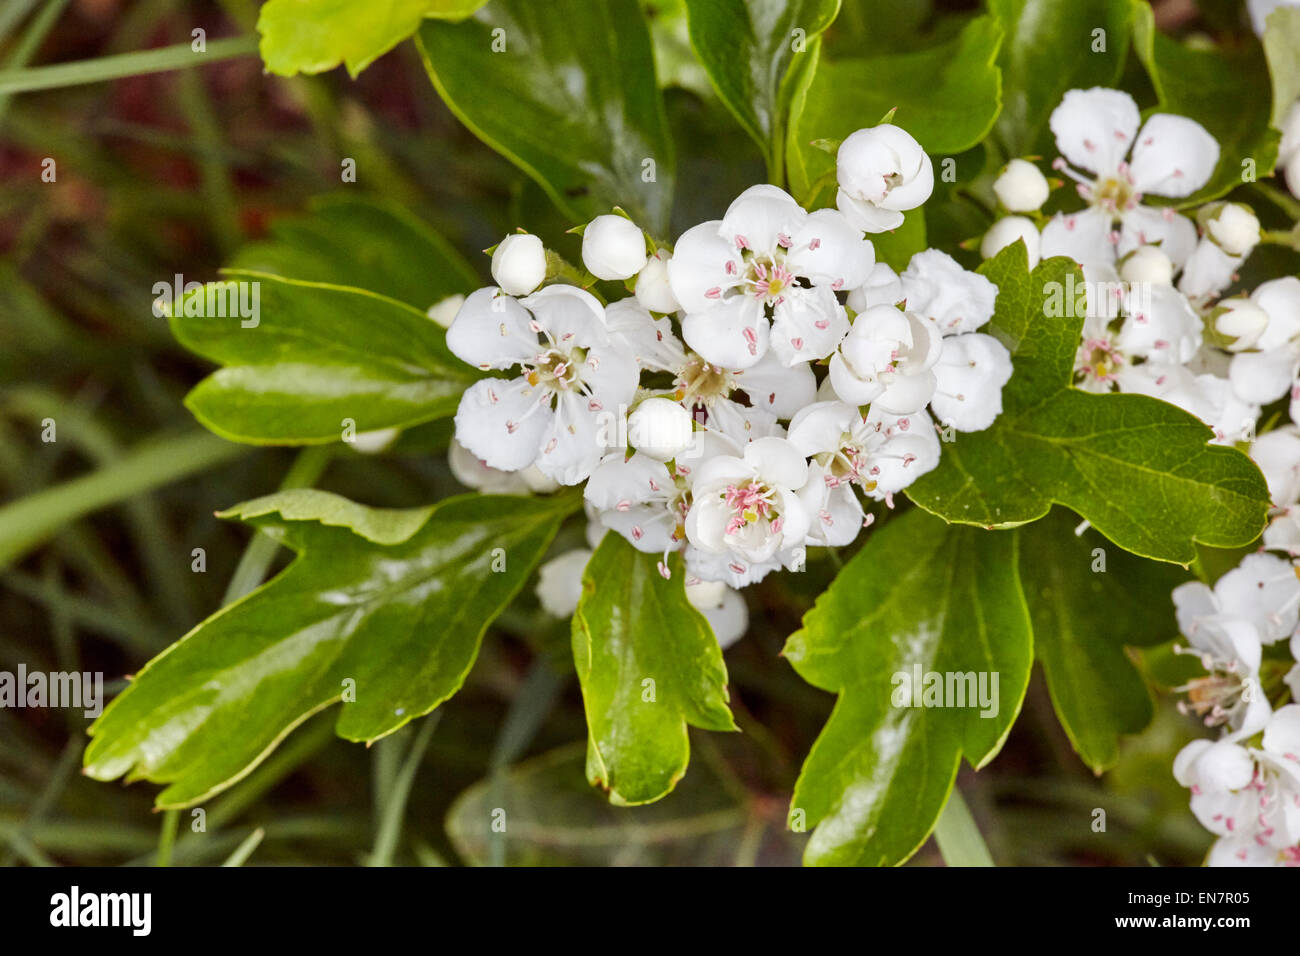 Hagedorn in Blume, ein Symbol des Frühlings.  Hurst Wiesen, West Molesey Surrey, England. Stockbild